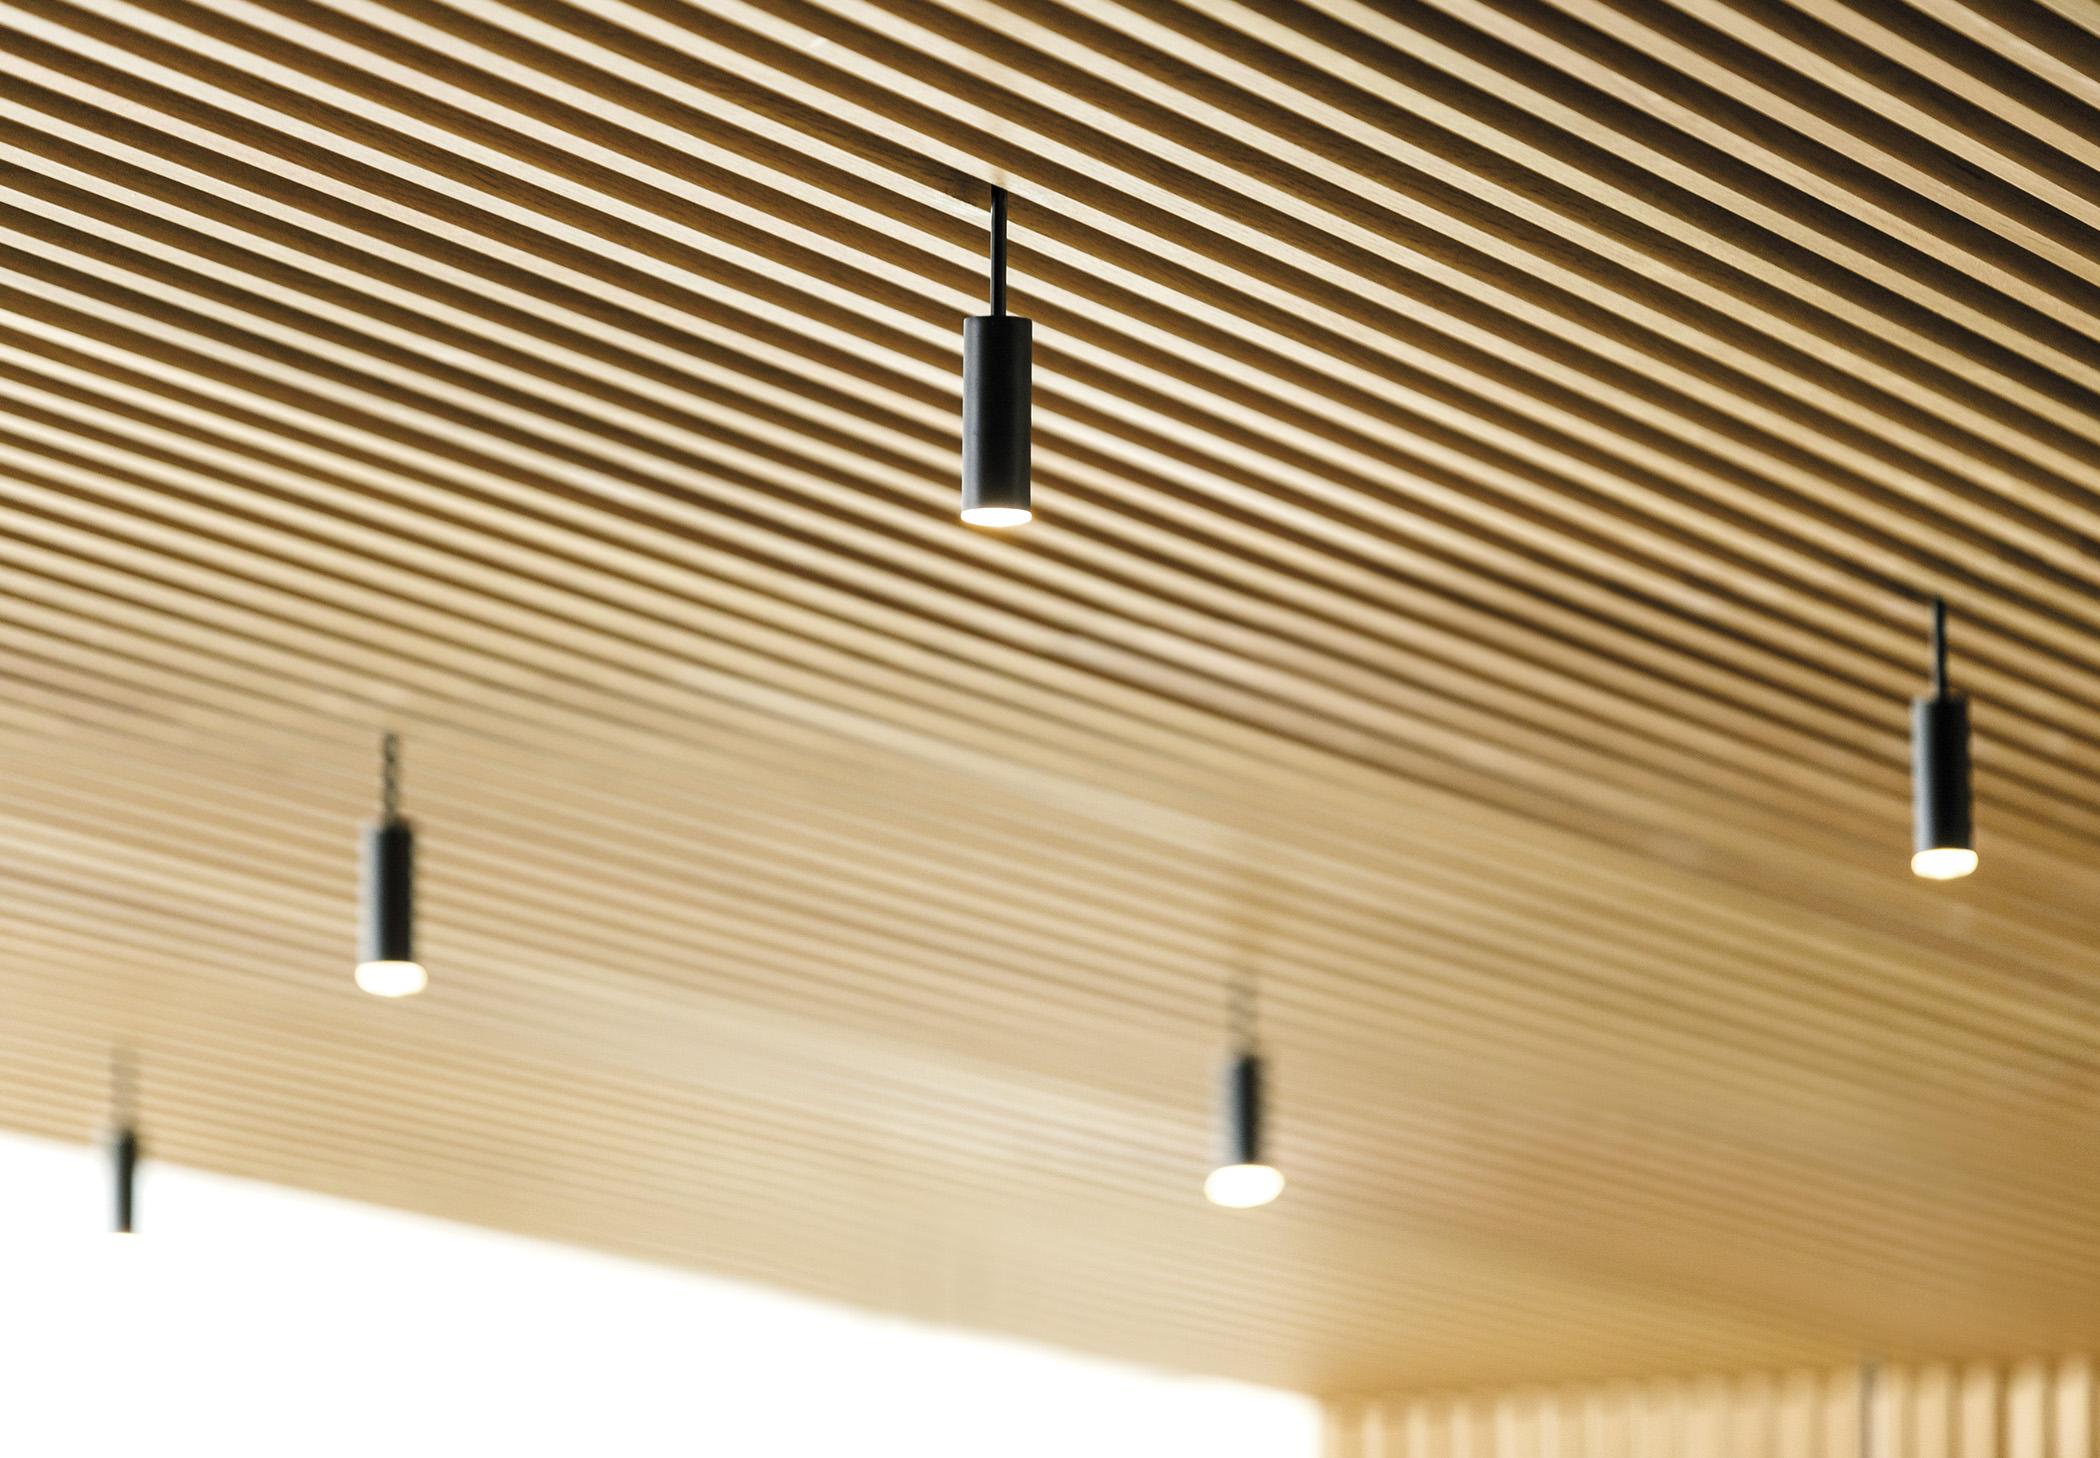 Volta T 3534 Suspension Lamp Estiluz Image Ambient 01